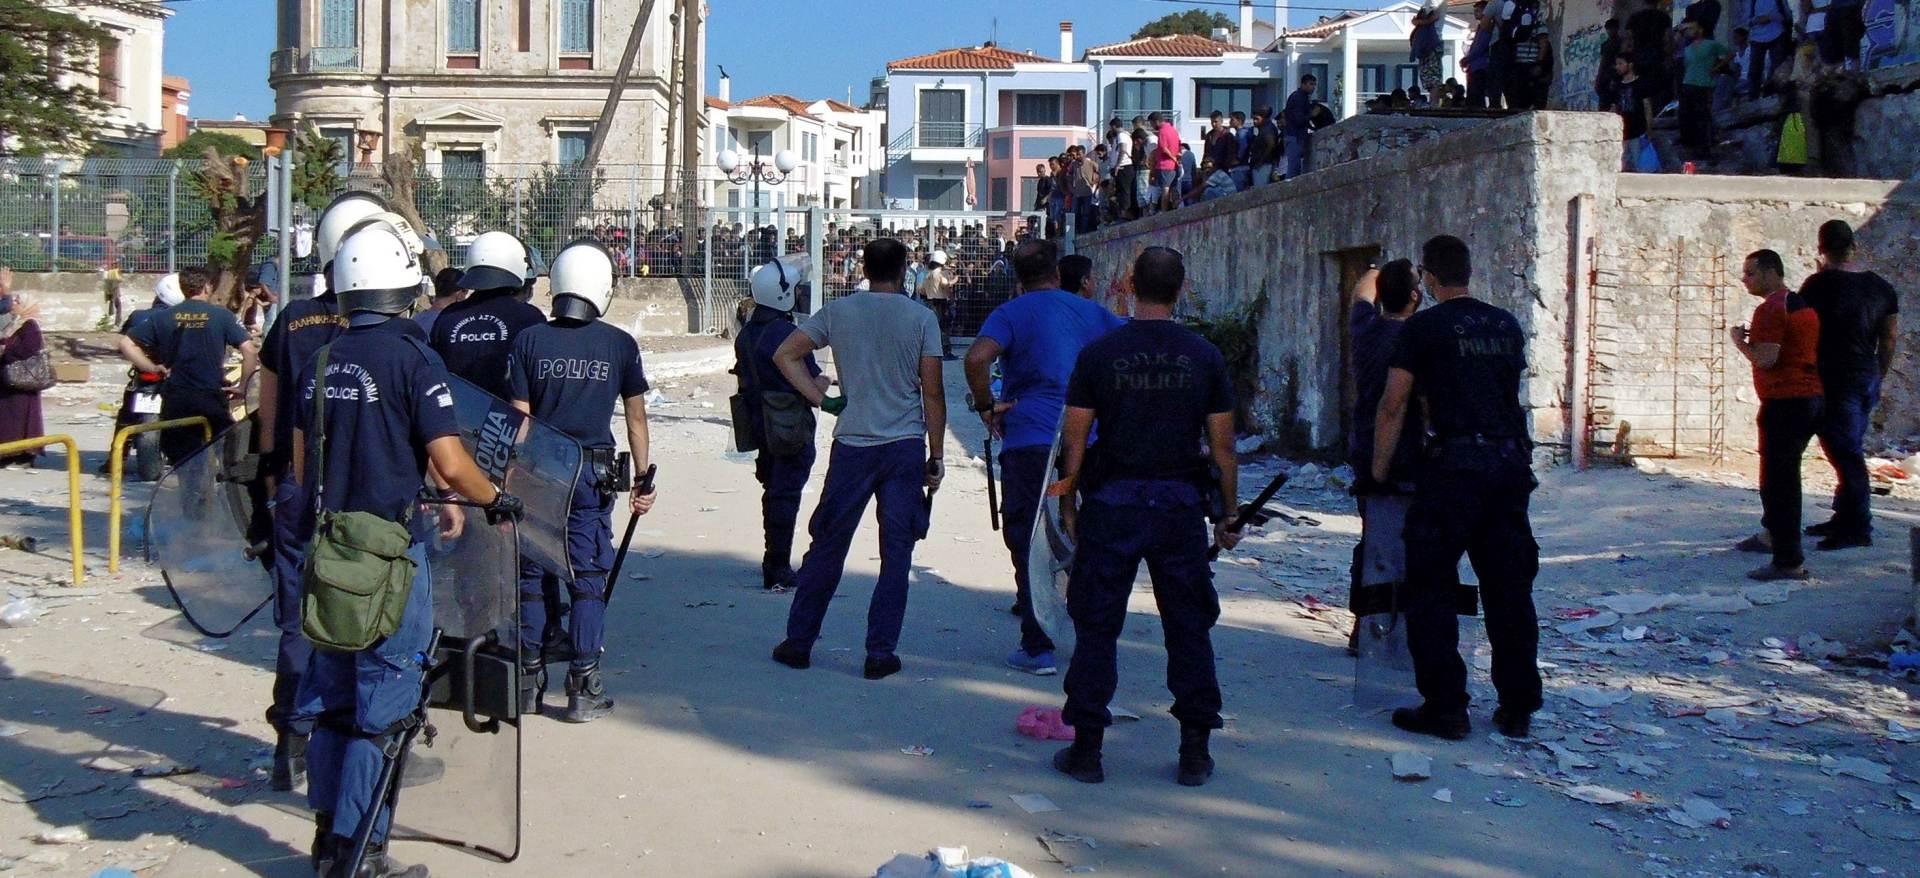 KRIZA NA EUROPSKIM GRANICAMA: Turska policija i dalje sprječava migrante u pokušaju ulaska u Grčku